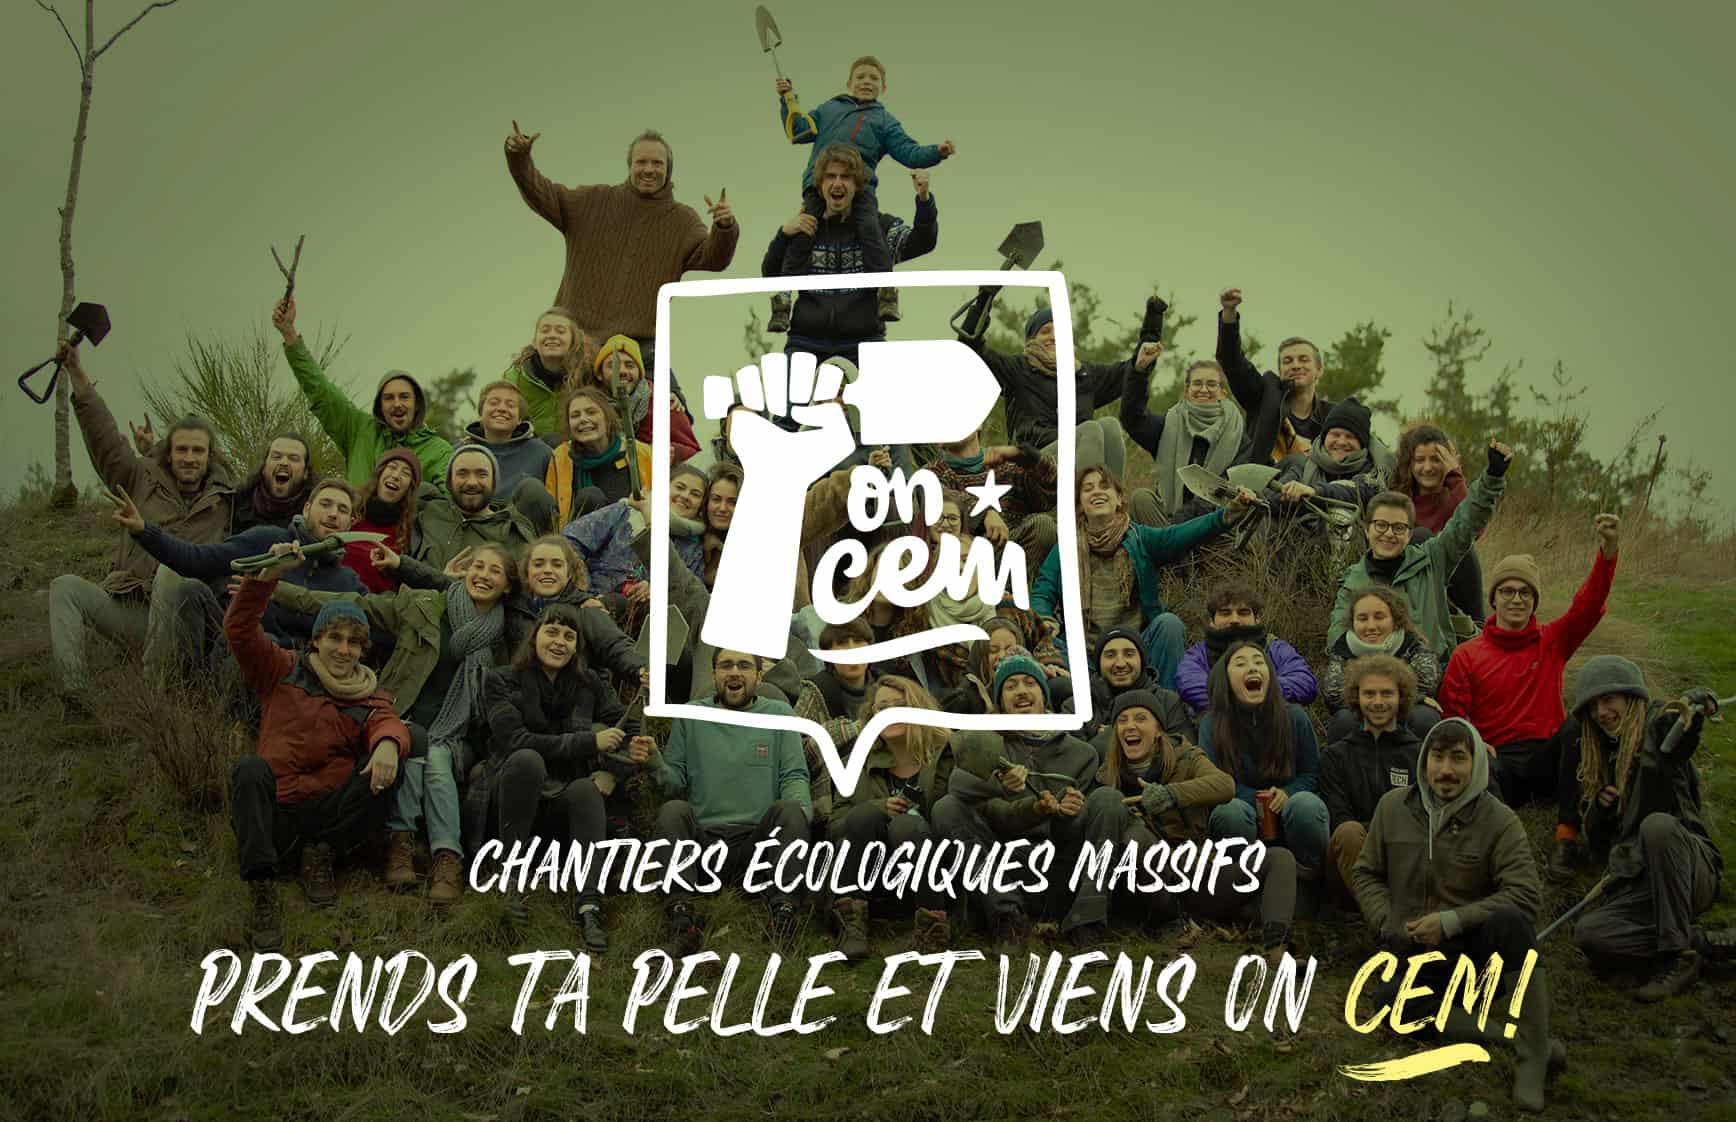 Chantiers écologiques massifs - Prends ta pelle et viens on CEM !